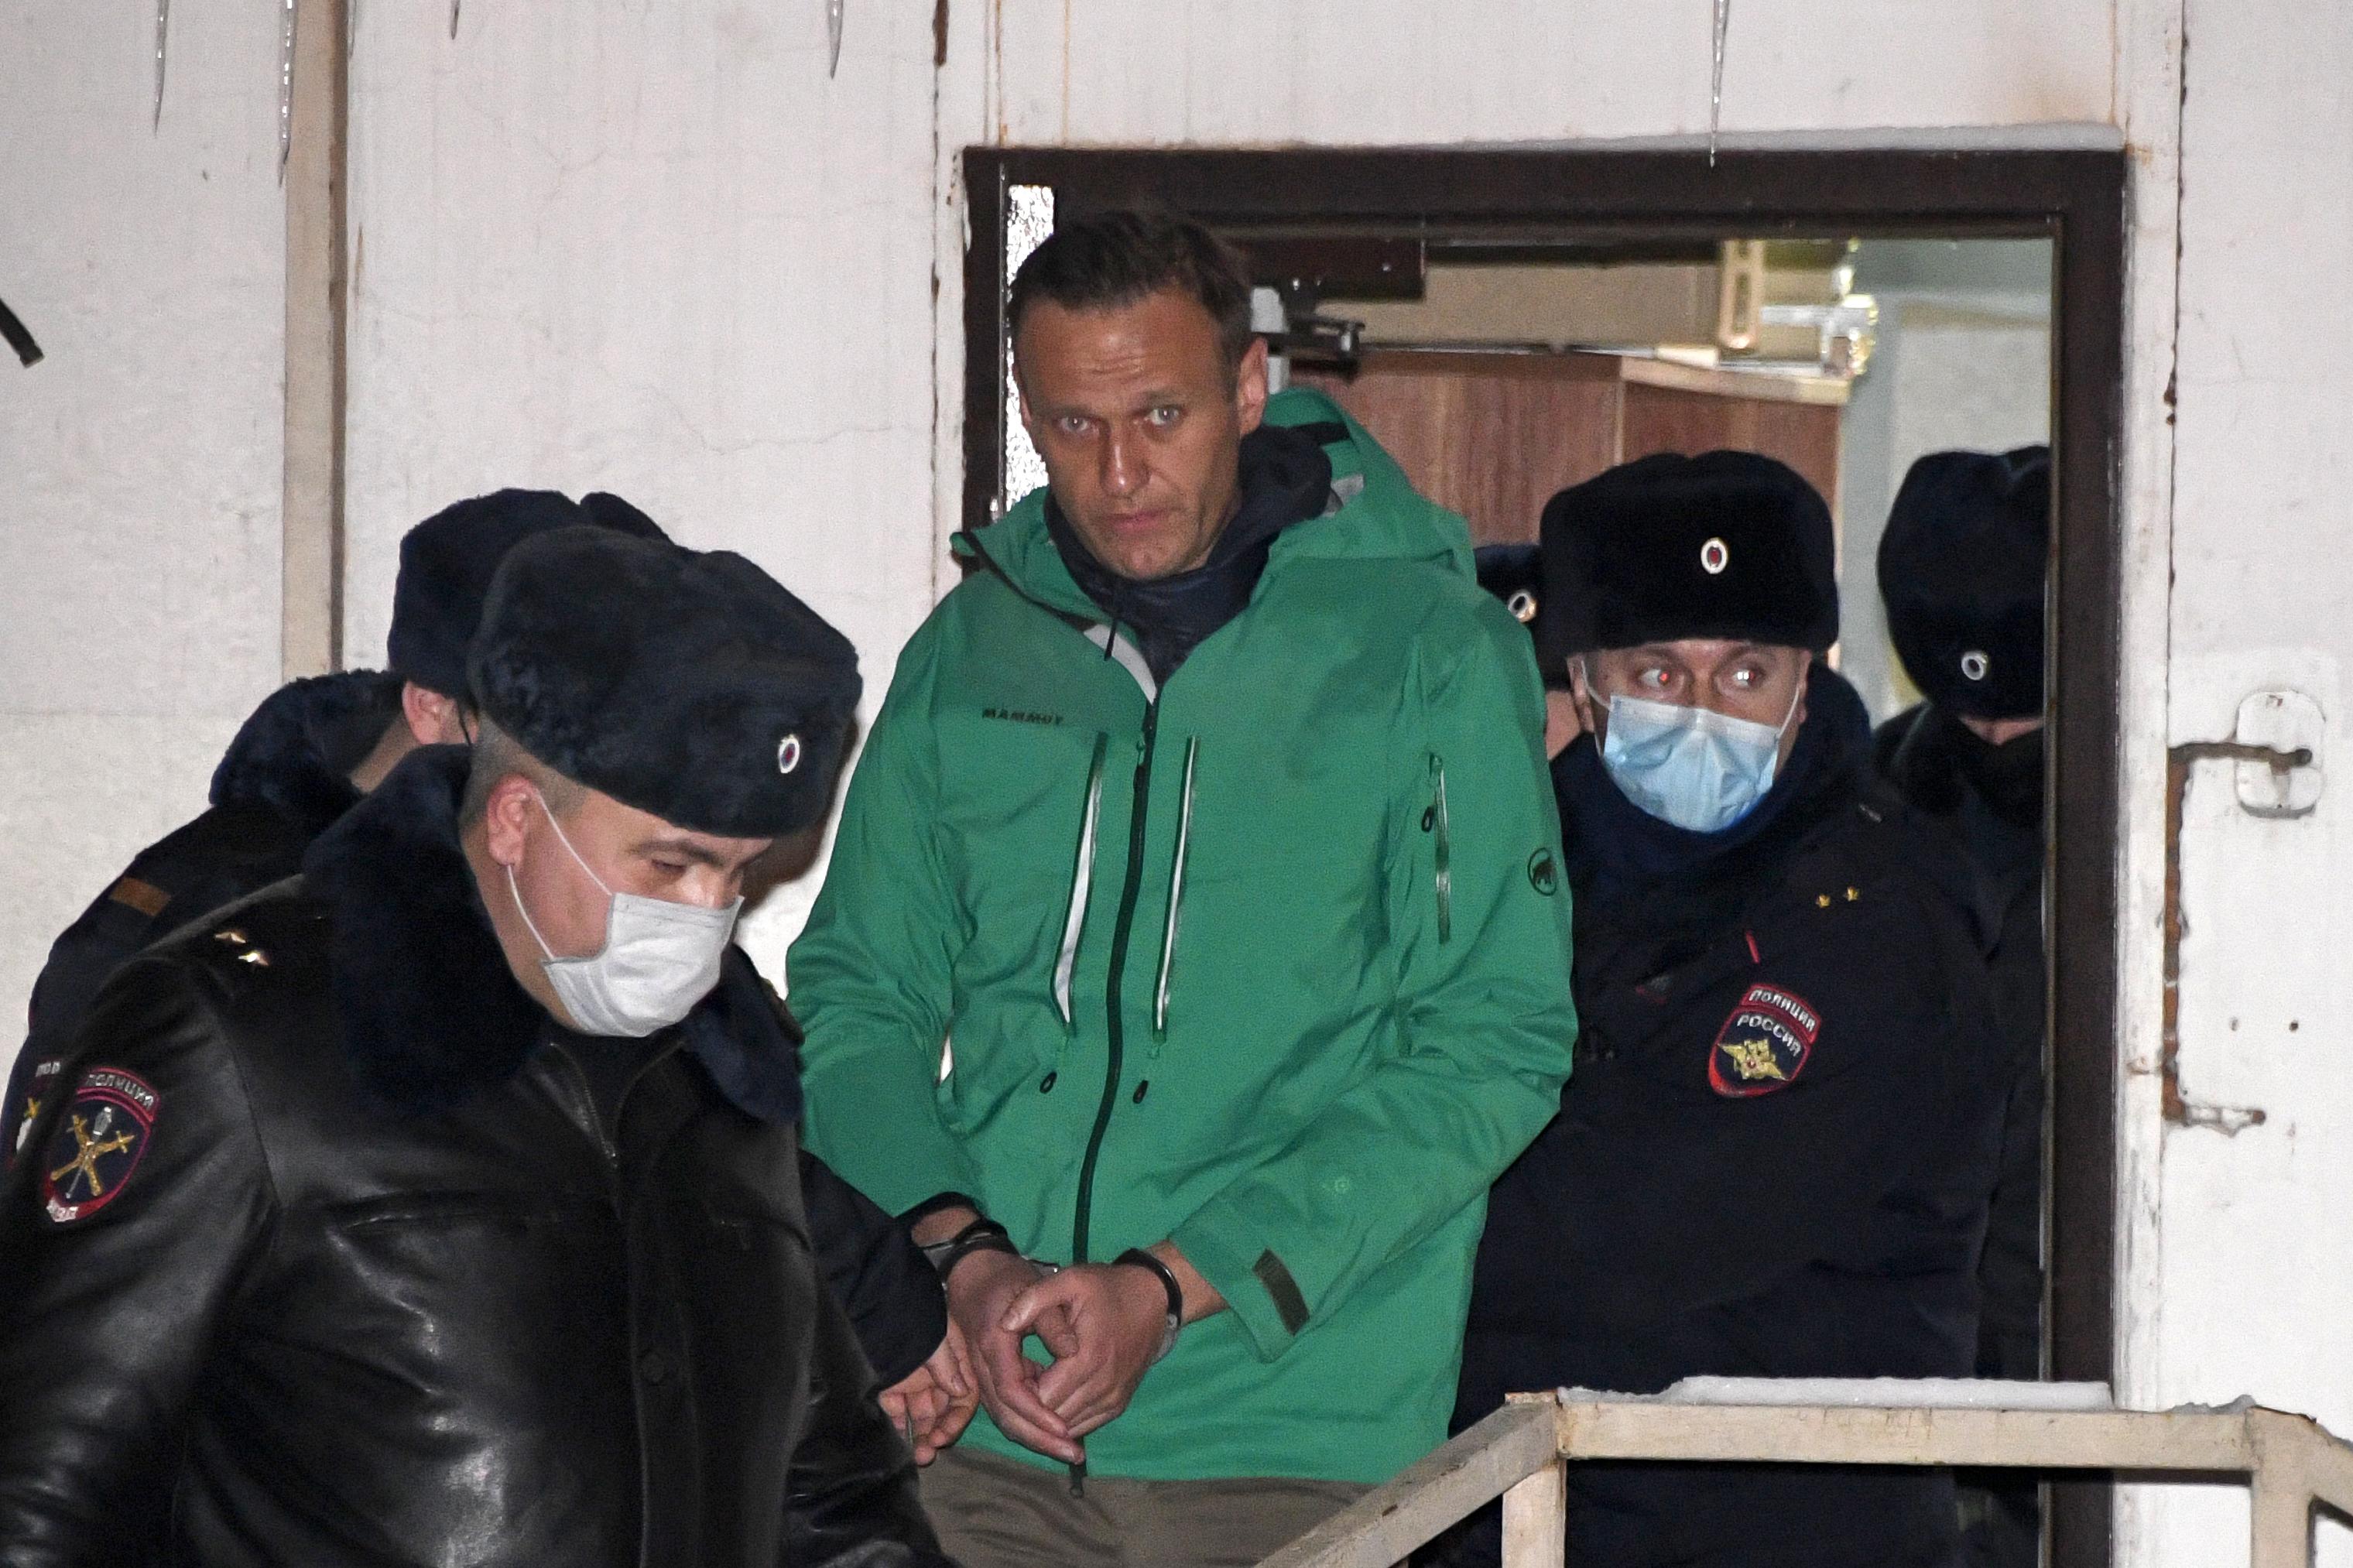 Az EU szankciókkal bünteti azokat, akik felelősek Alekszej Navalnij bebörtönzéséért